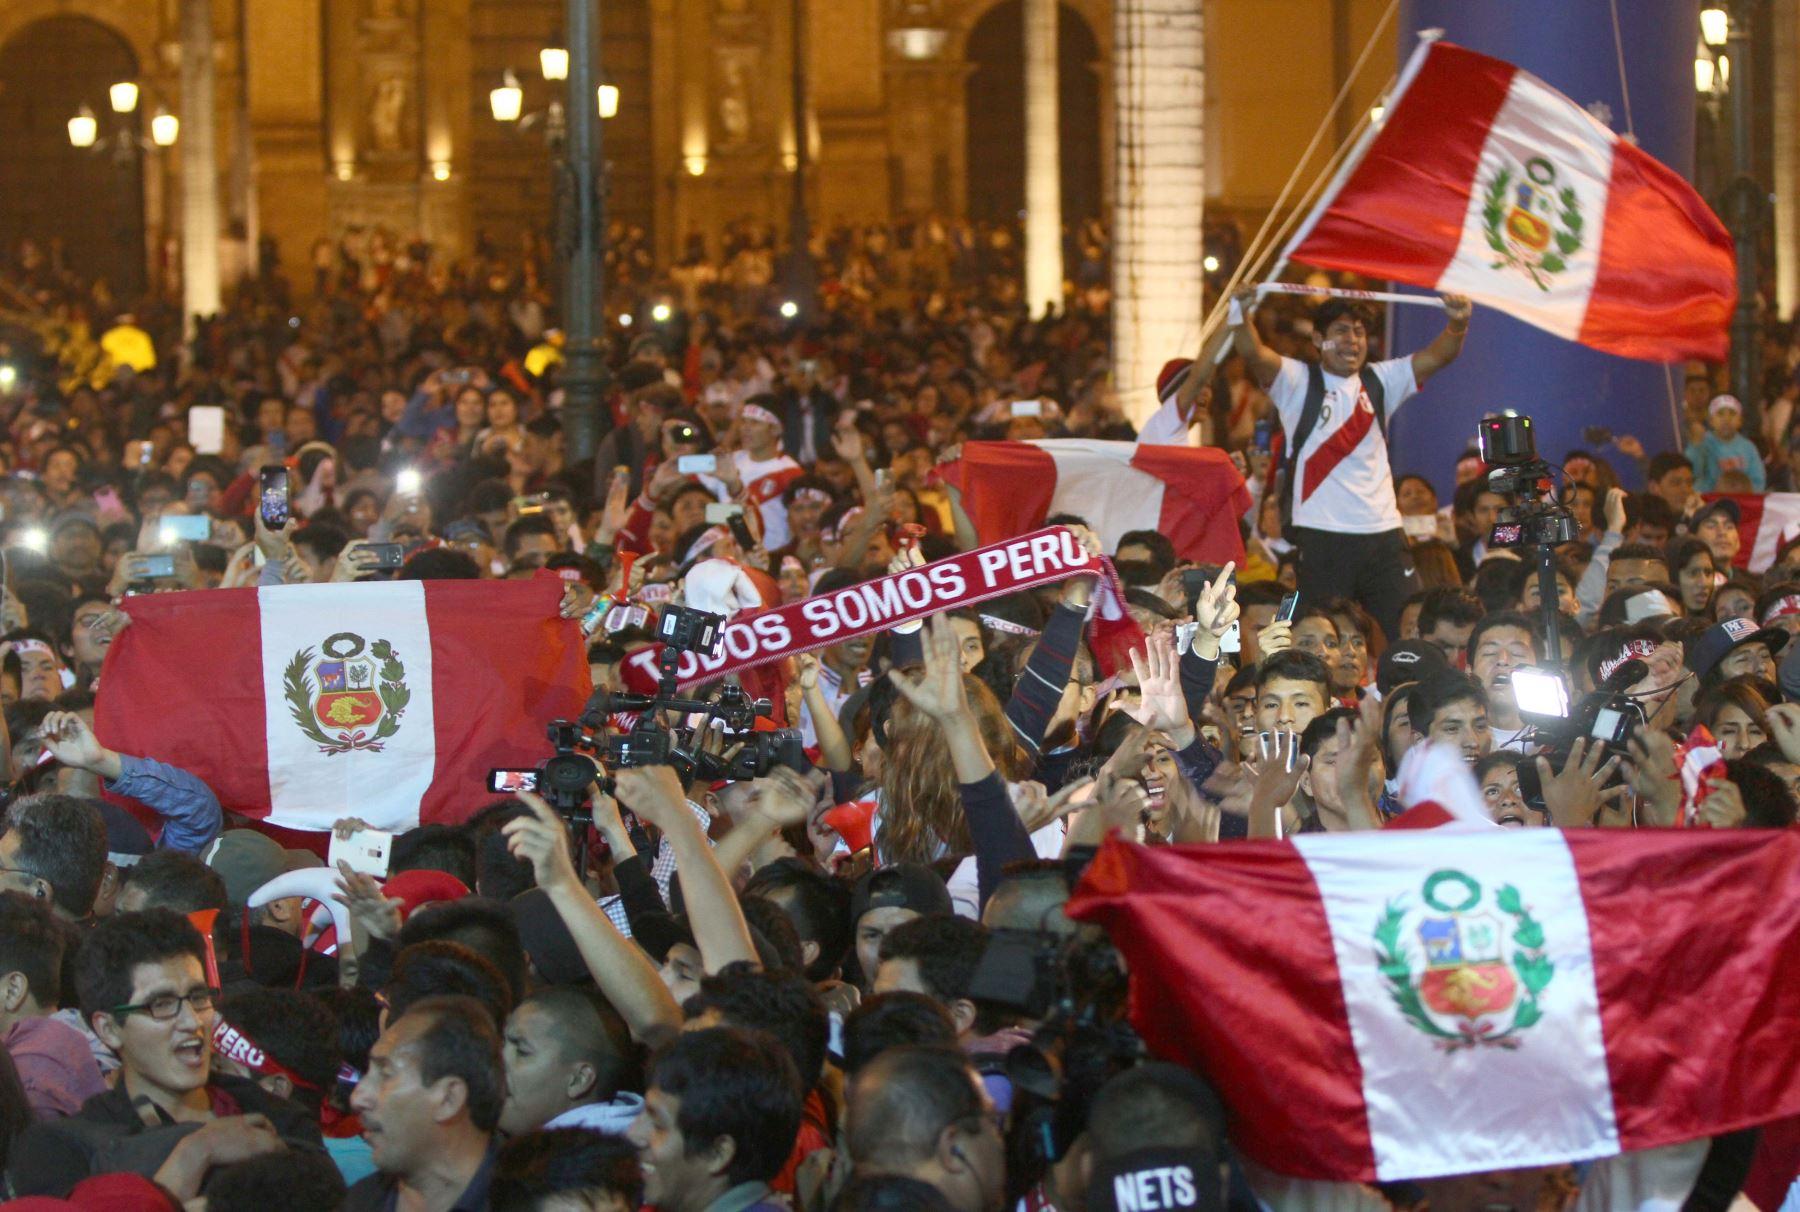 Perú vs. Nueva Zelanda: aquí podrás ver el partido en pantalla gigante